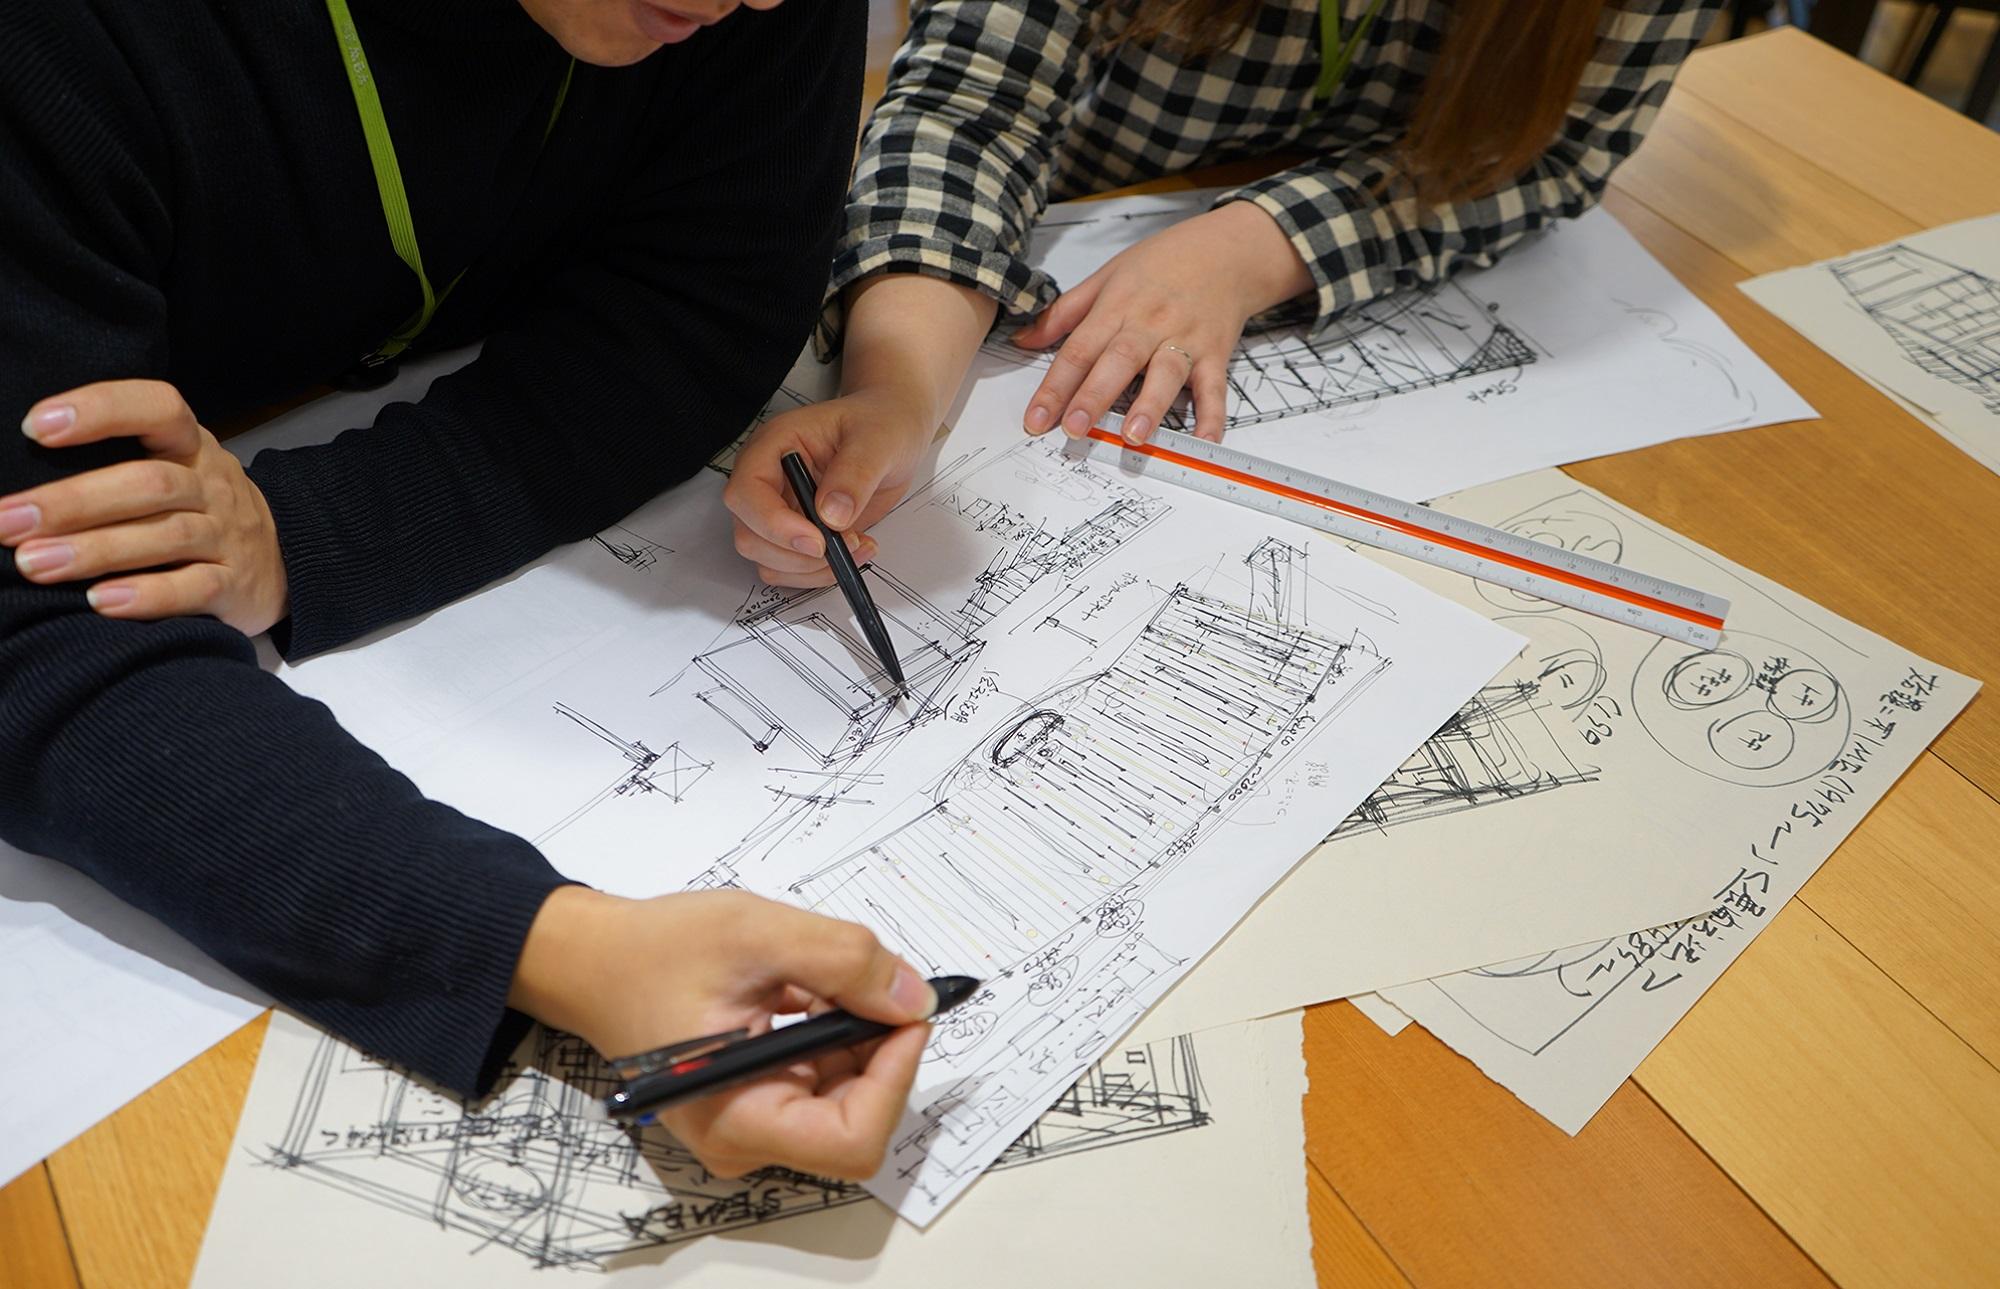 設計デザイン監修